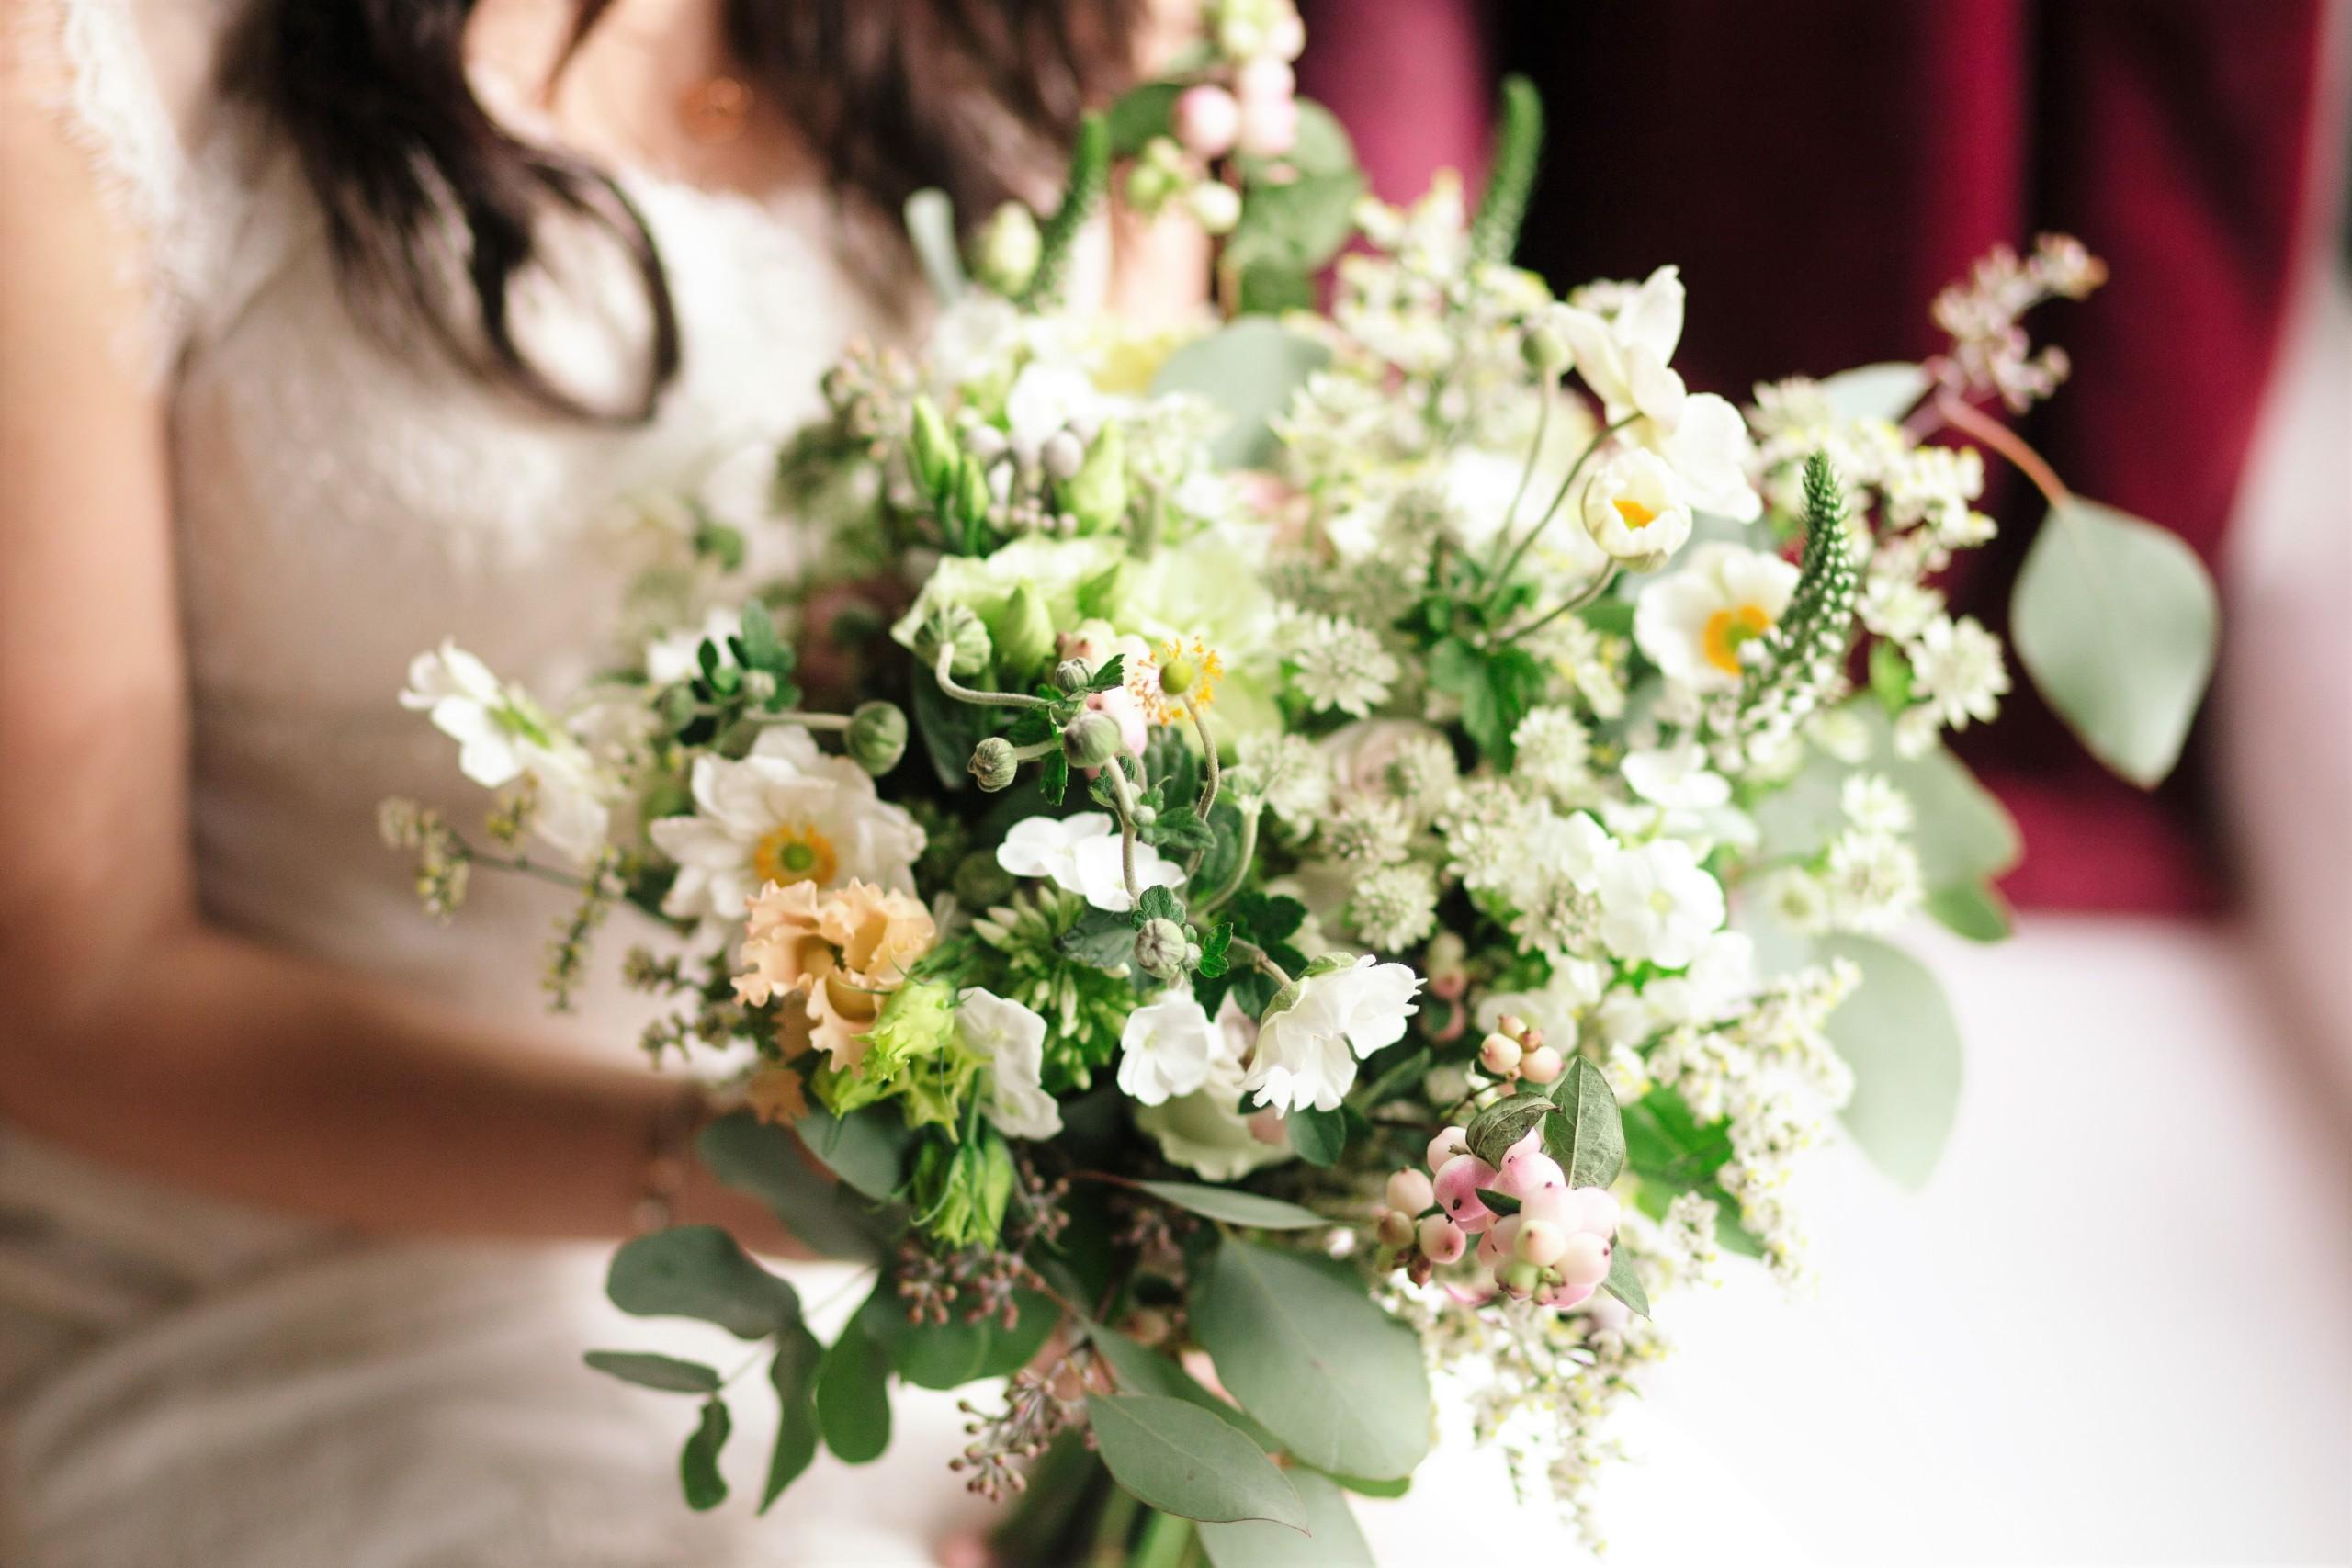 ホワイトフローラル(白い花束)は花嫁のイメージ